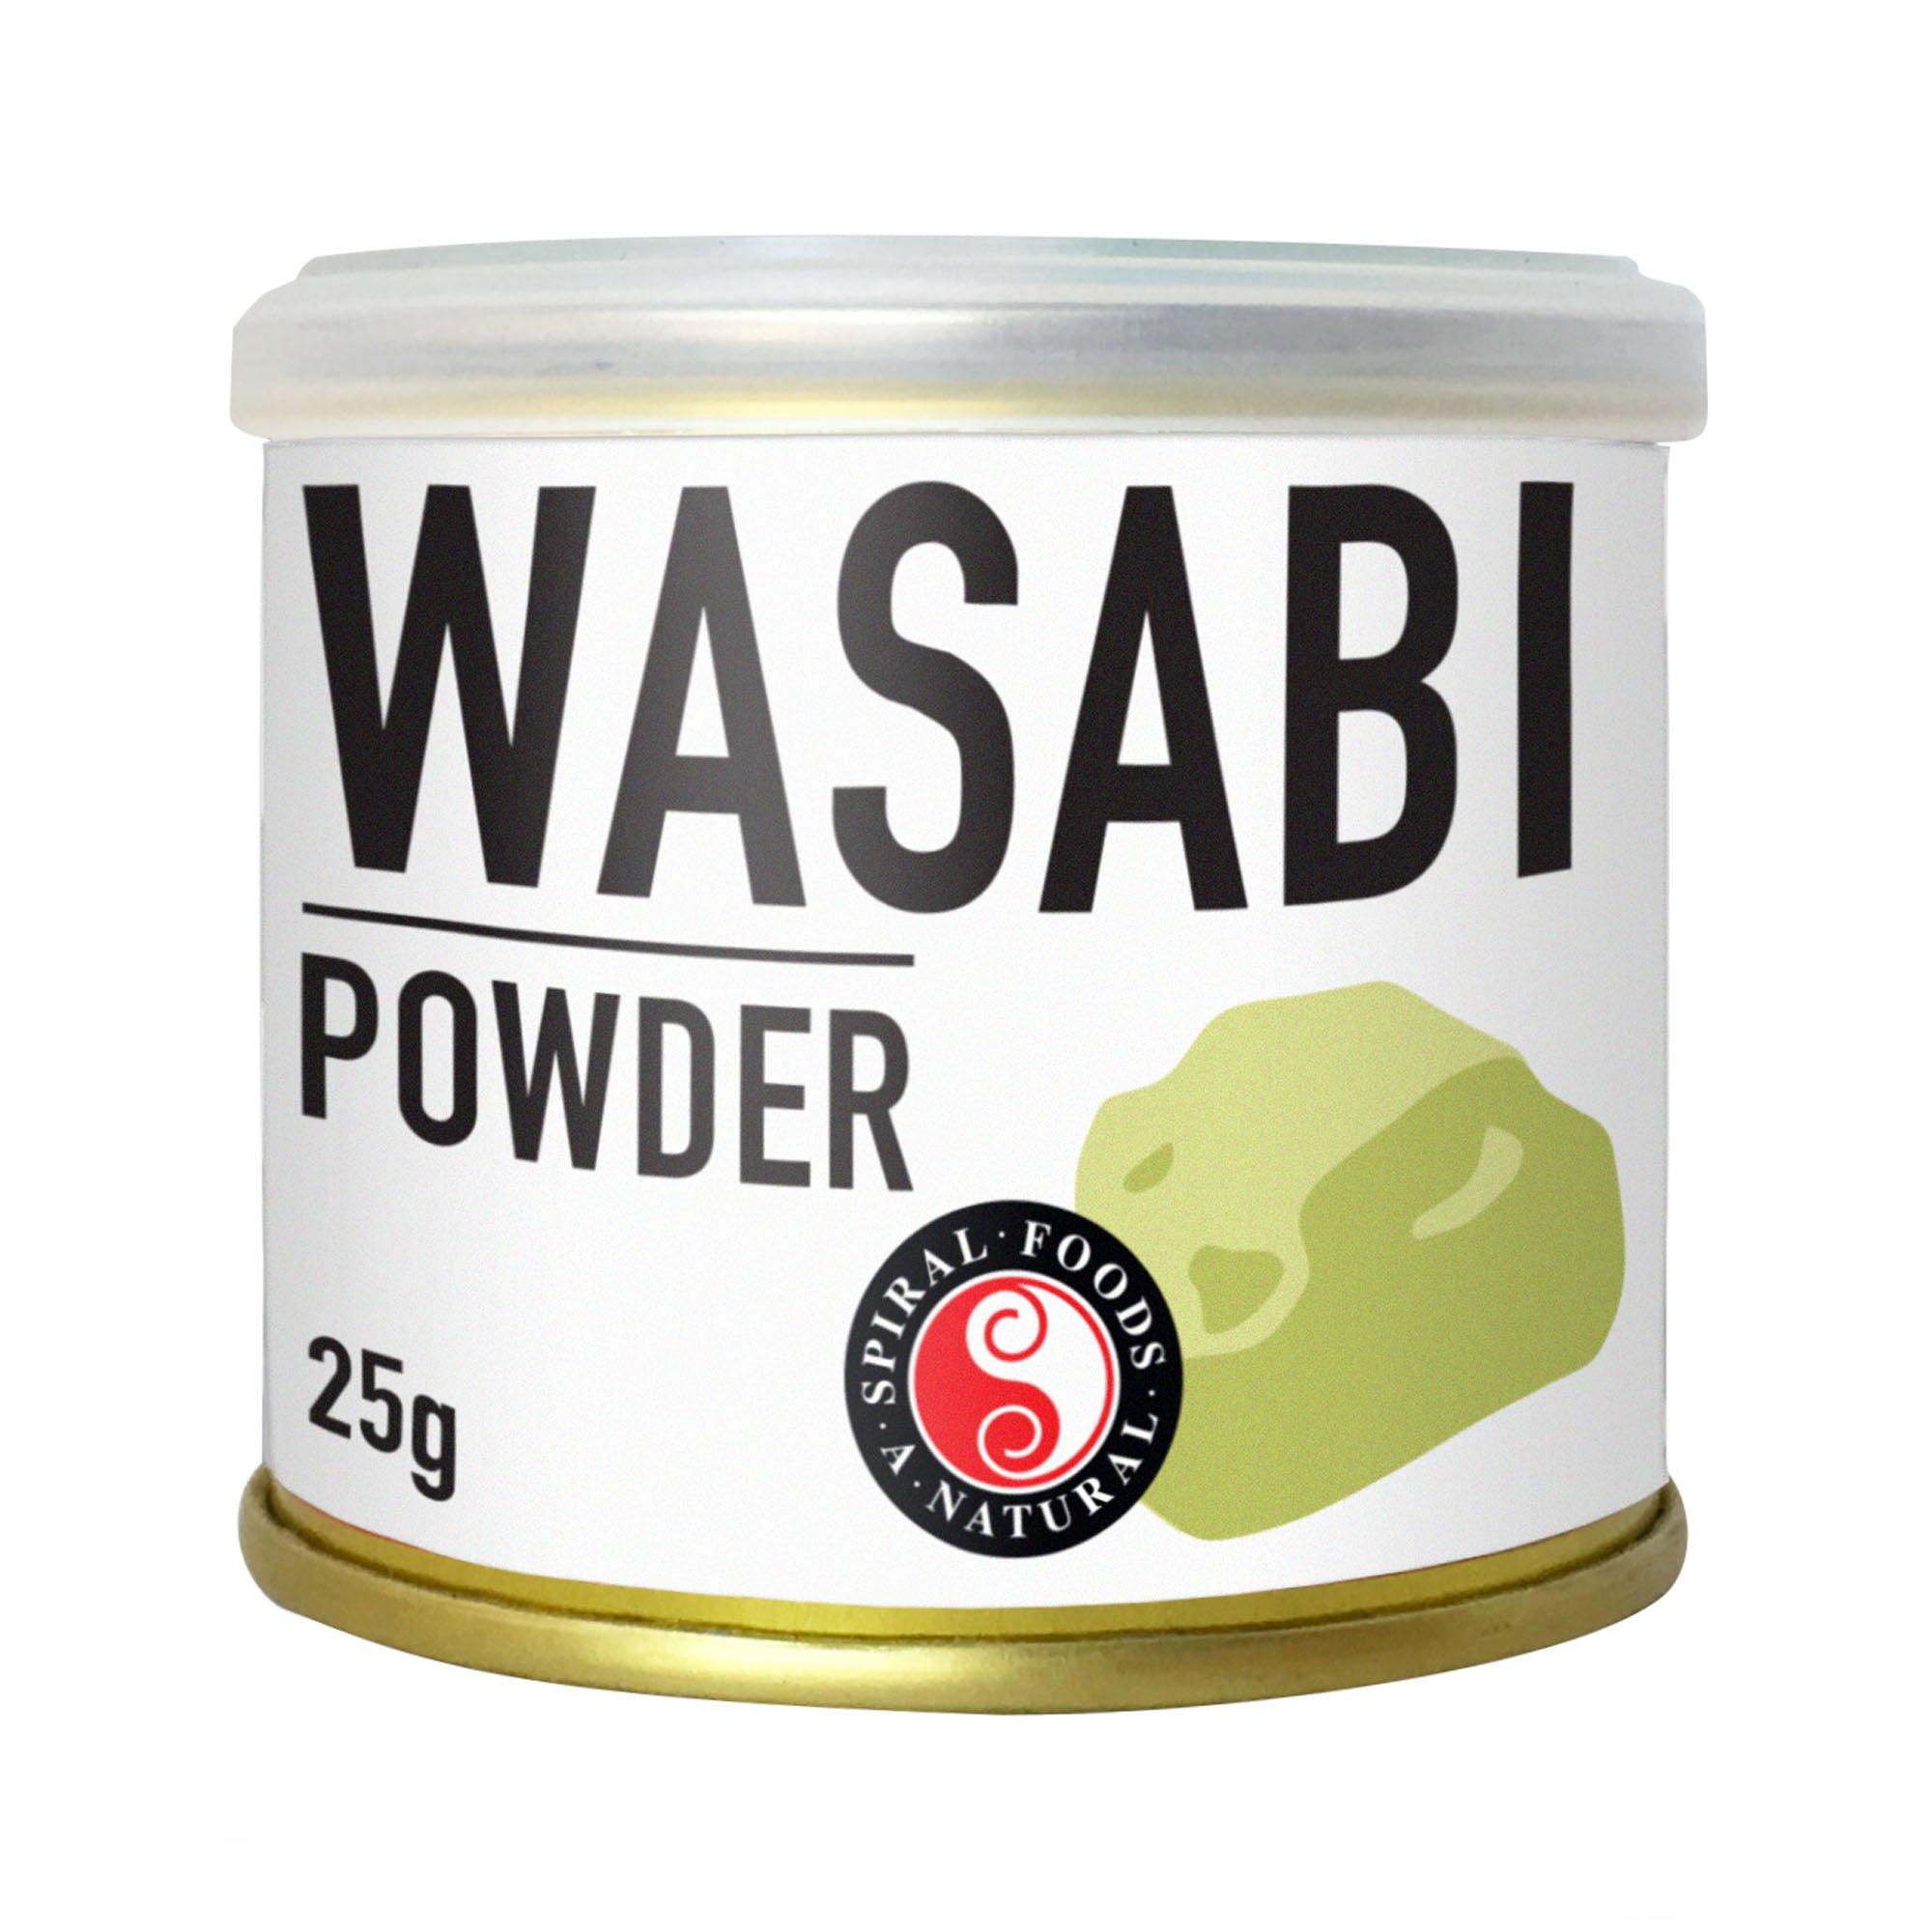 spiral-wasabi